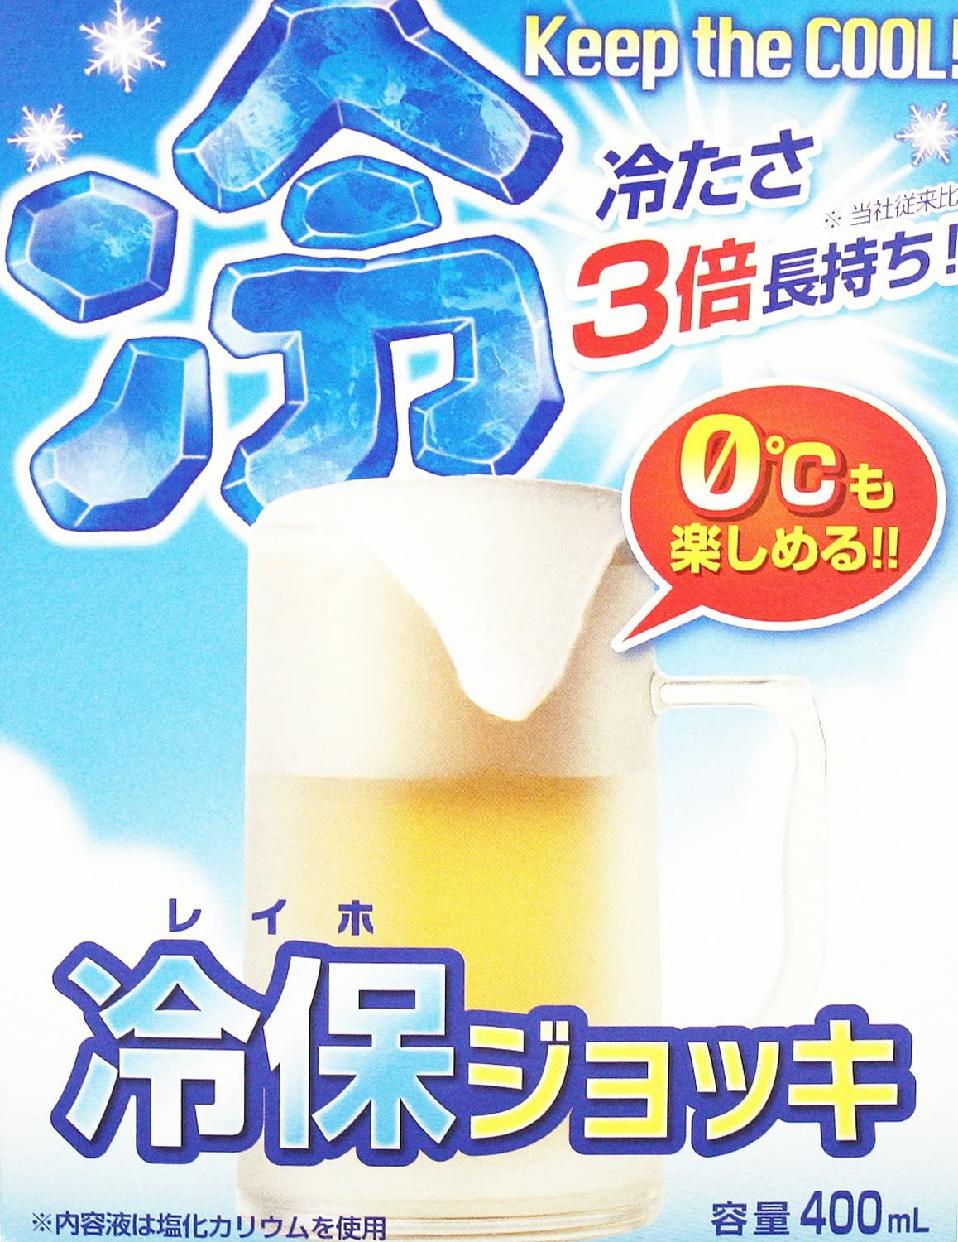 ユタカ産業(ユタカサンギョウ)冷保 (レイホ) ジョッキの商品画像3